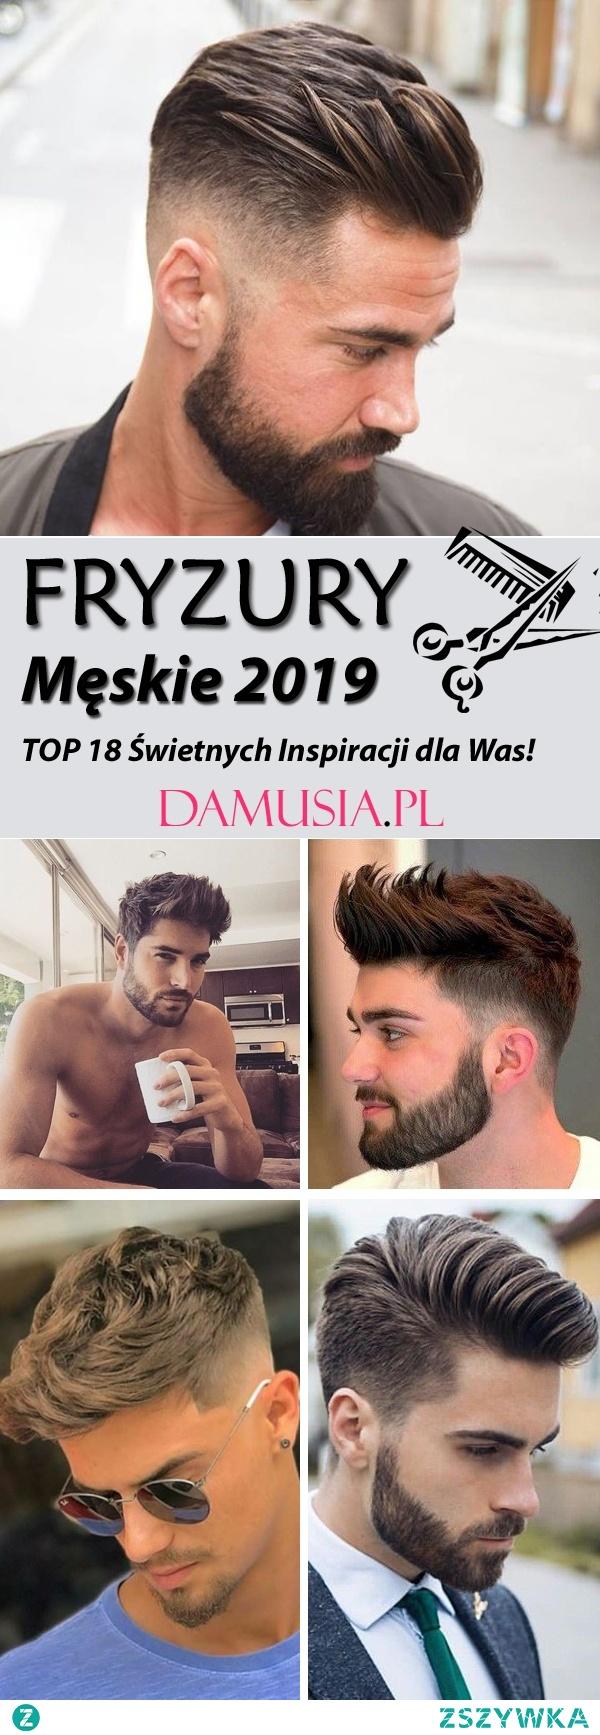 Modne Fryzury Męskie 2019 Top 18 świetnych Inspiracji Dla